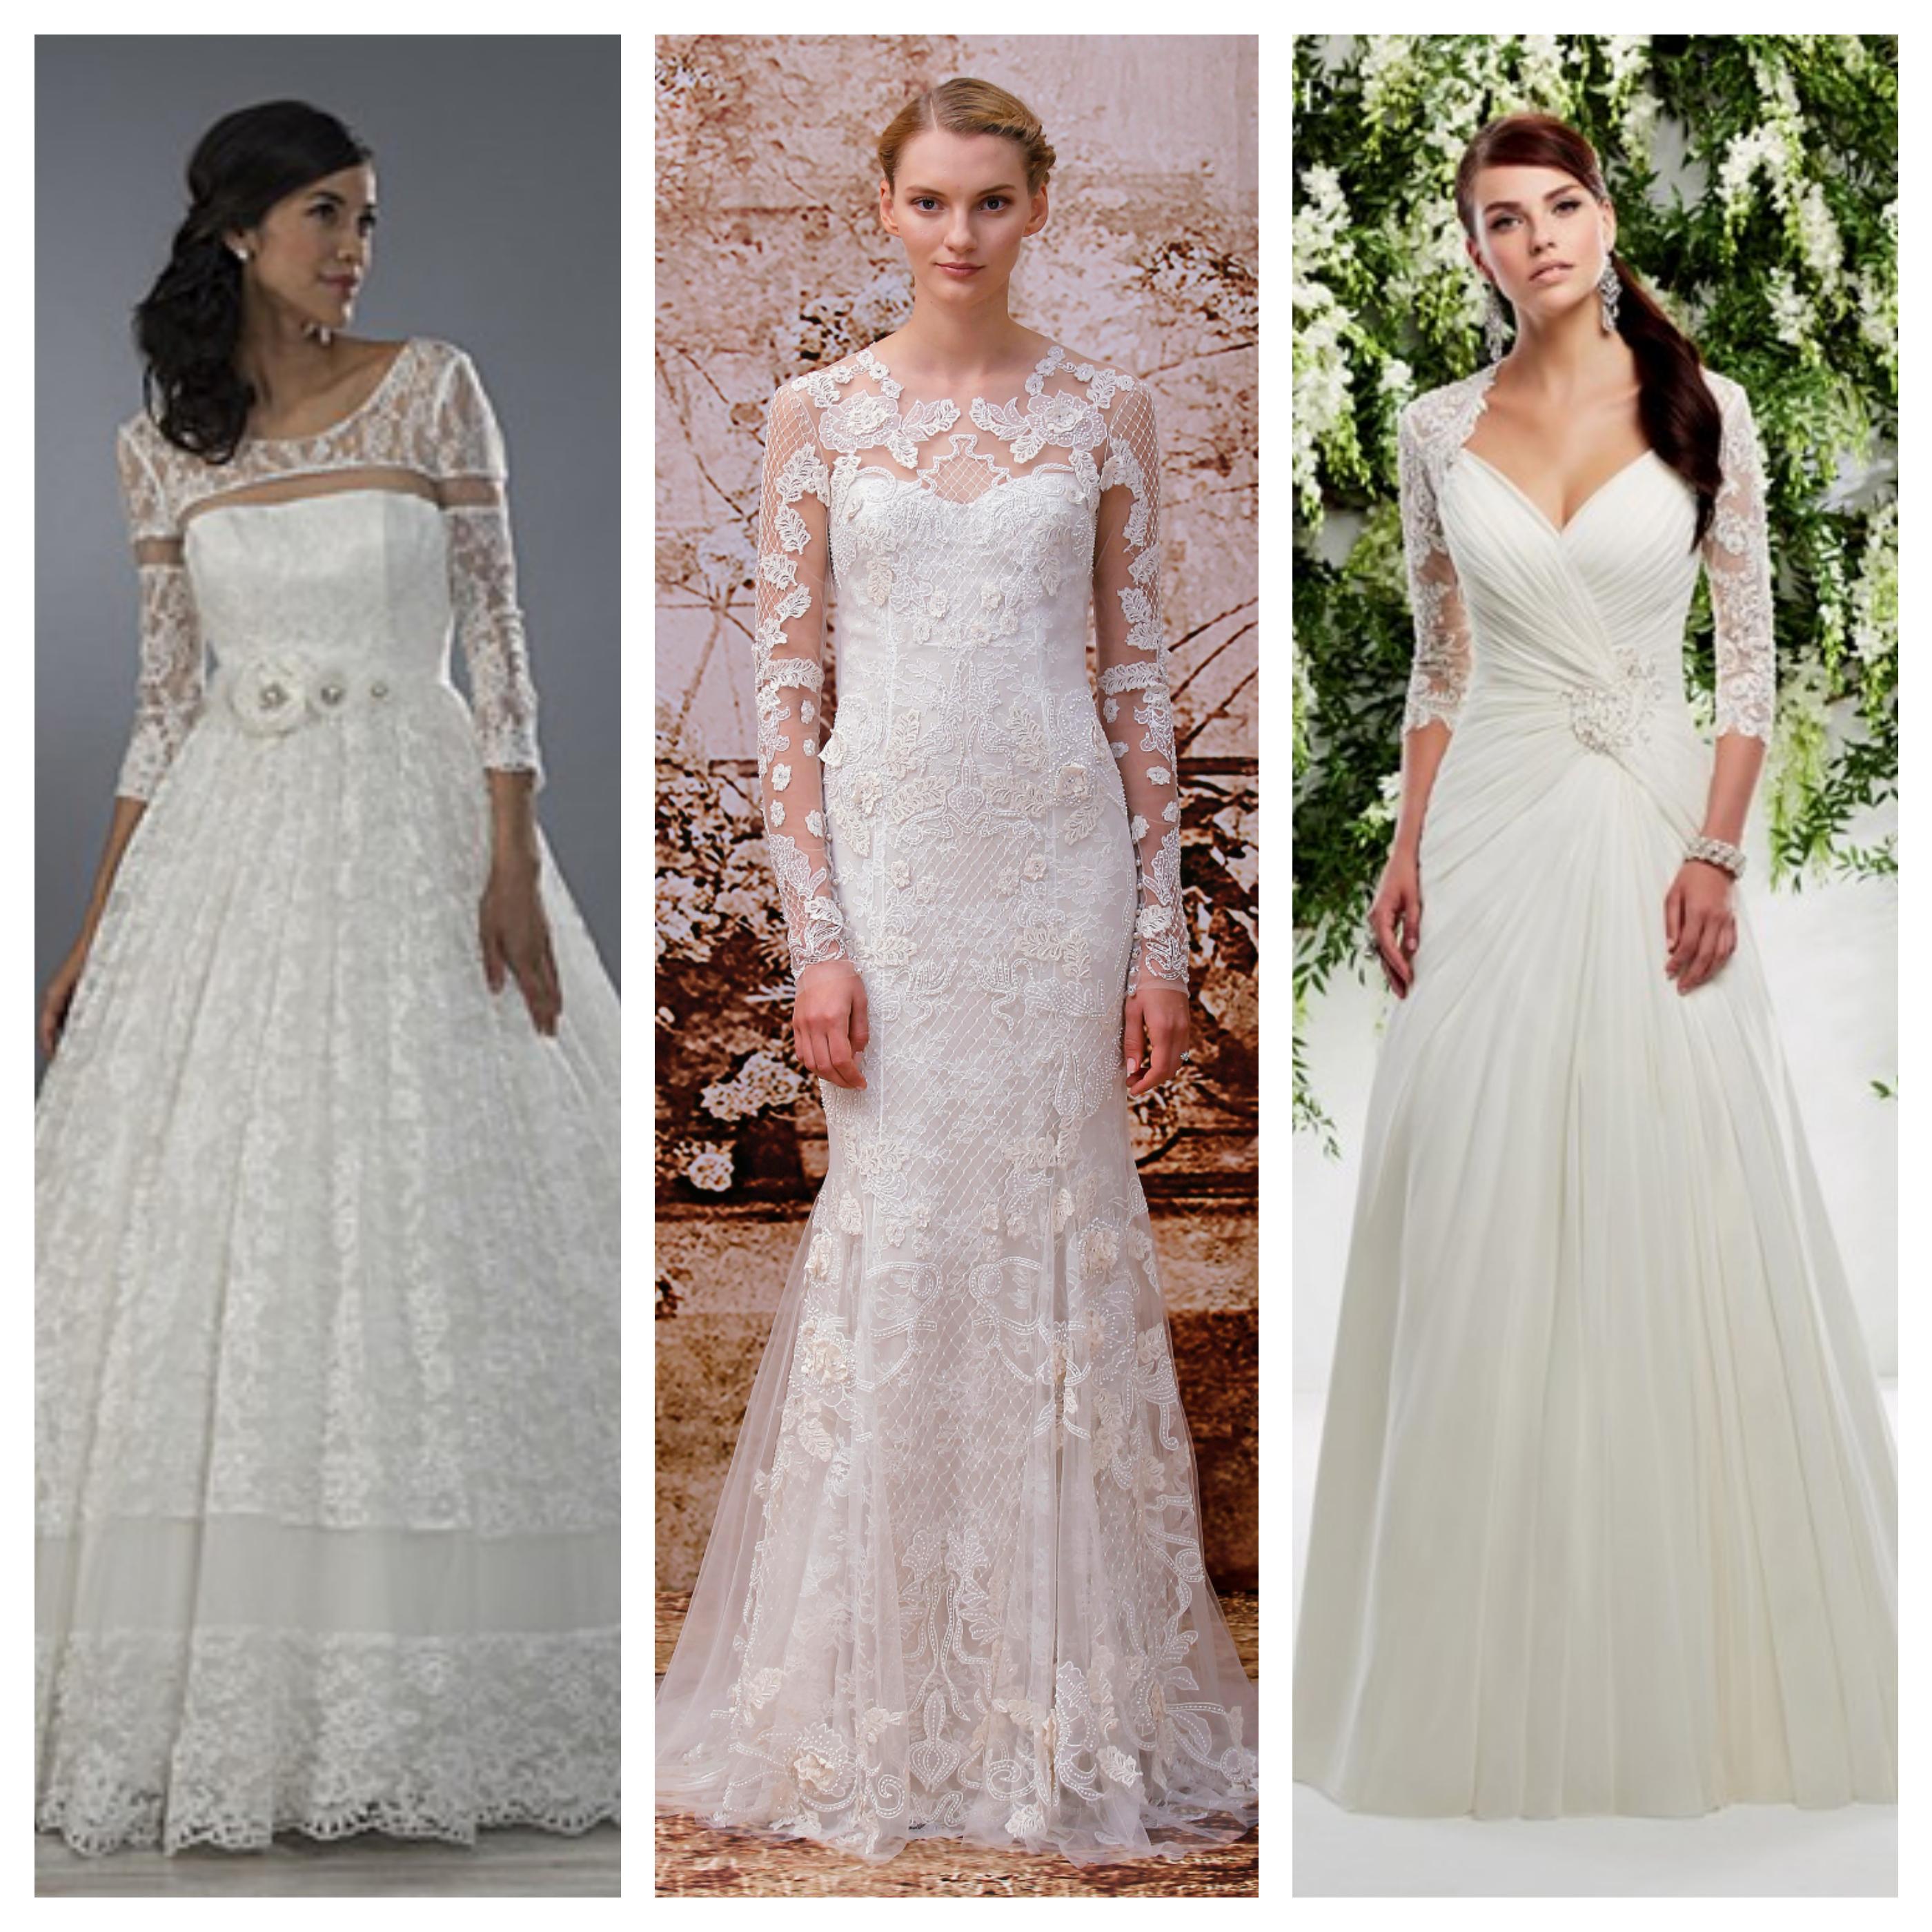 Originální svatební šaty s dlouhými rukávy